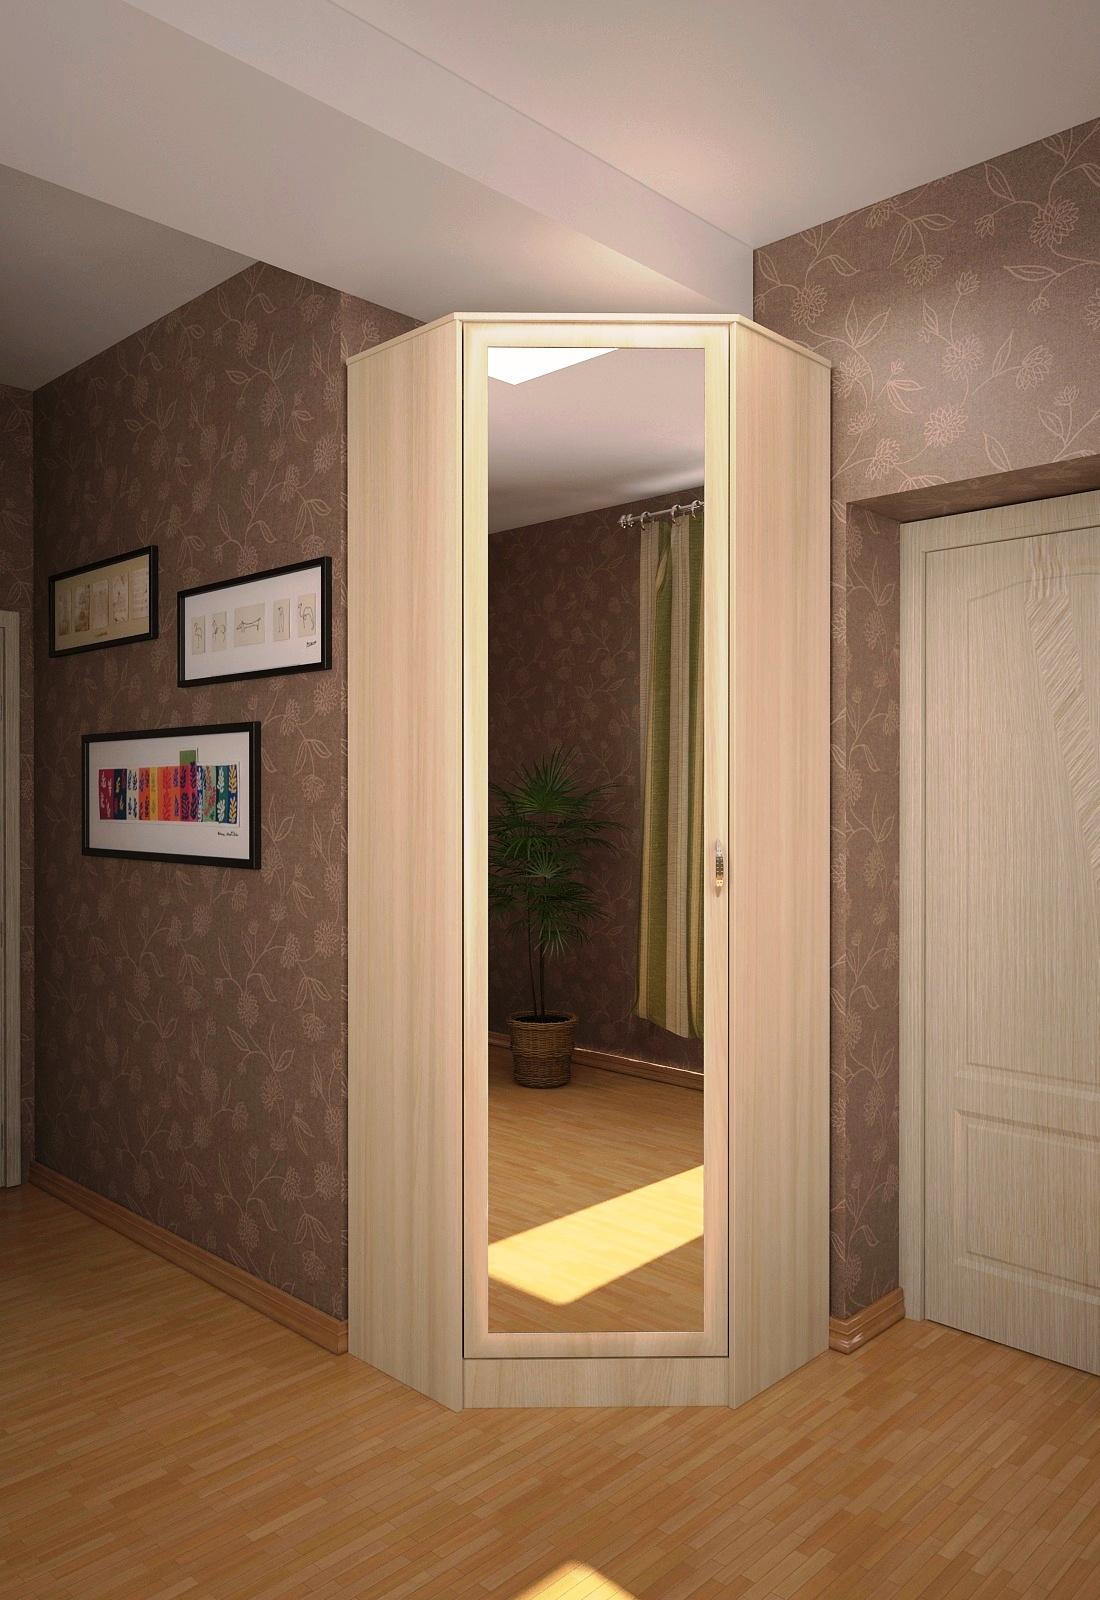 Шкаф угловой муромец 2 люкс - 10140 р, бесплатная доставка, .